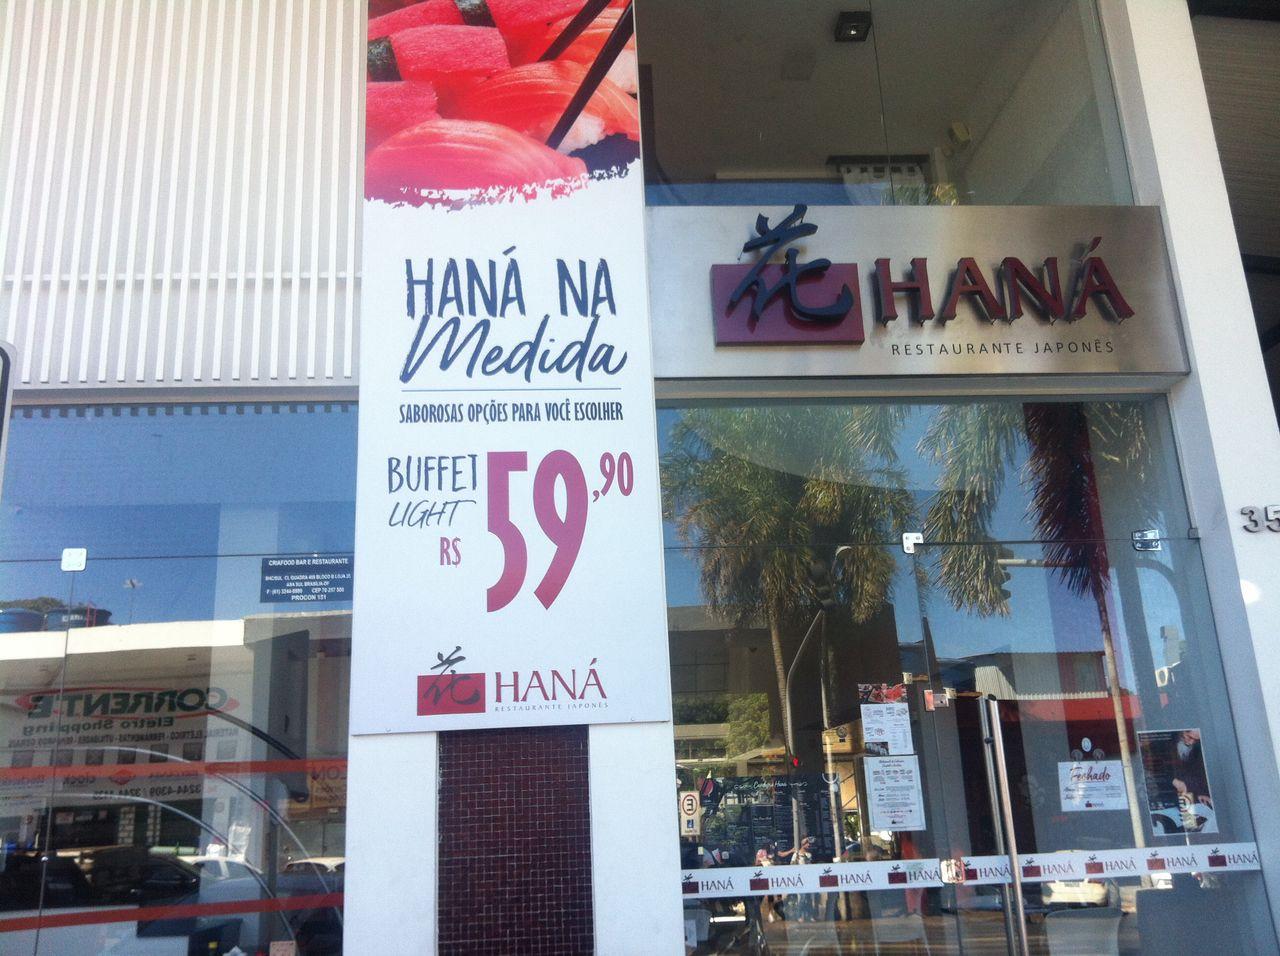 Haná Restaurante Japonês, Quadra 408 Sul, Bloco B, Loja 35, Asa Sul, Comércio de Brasília